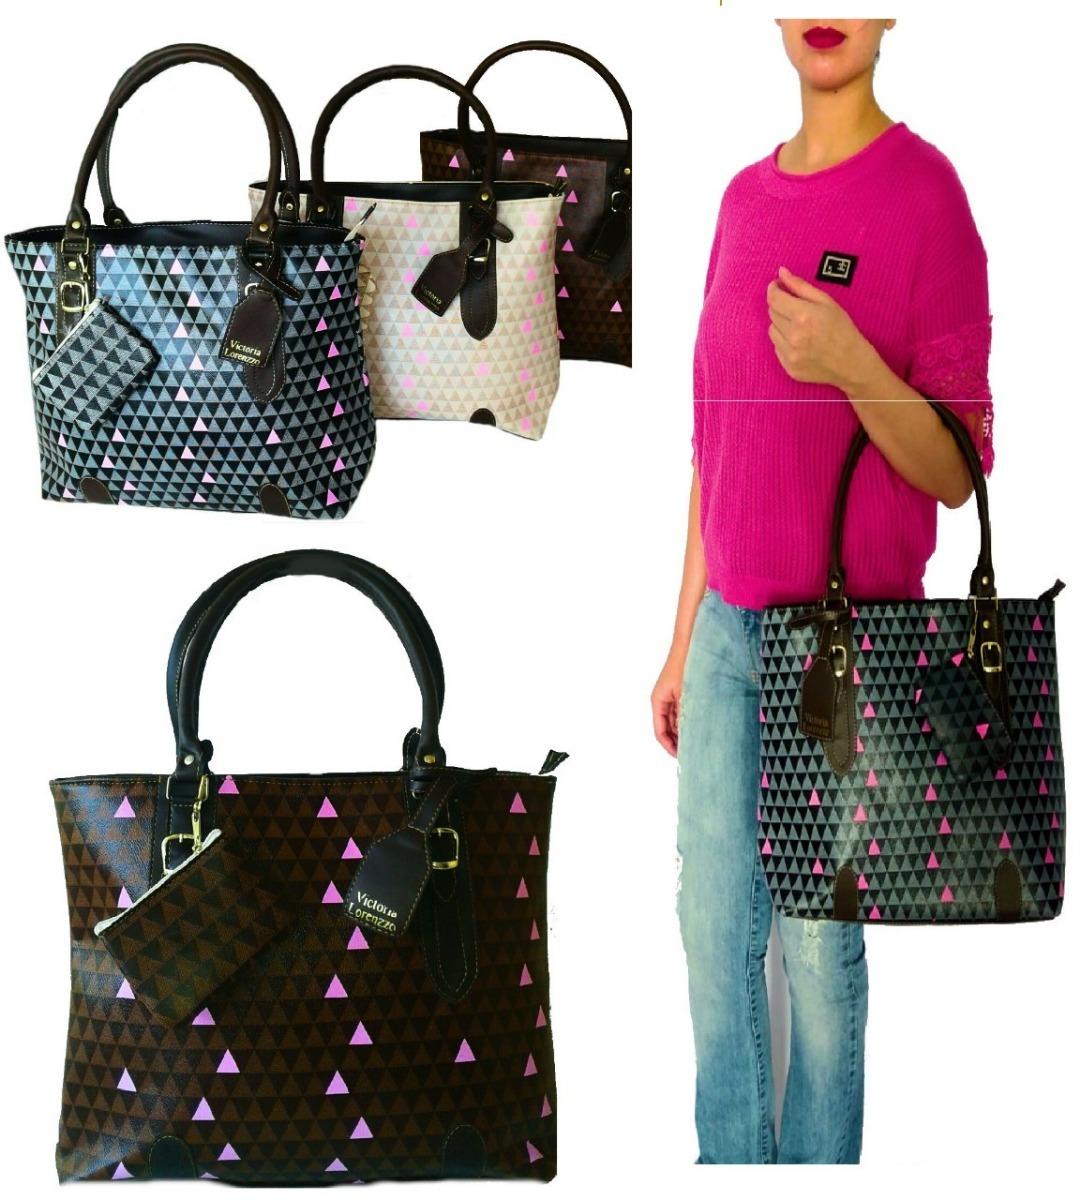 3ae885be1a bolsa grande com alça feminina em couro moda 2019 tendencia. Carregando zoom .